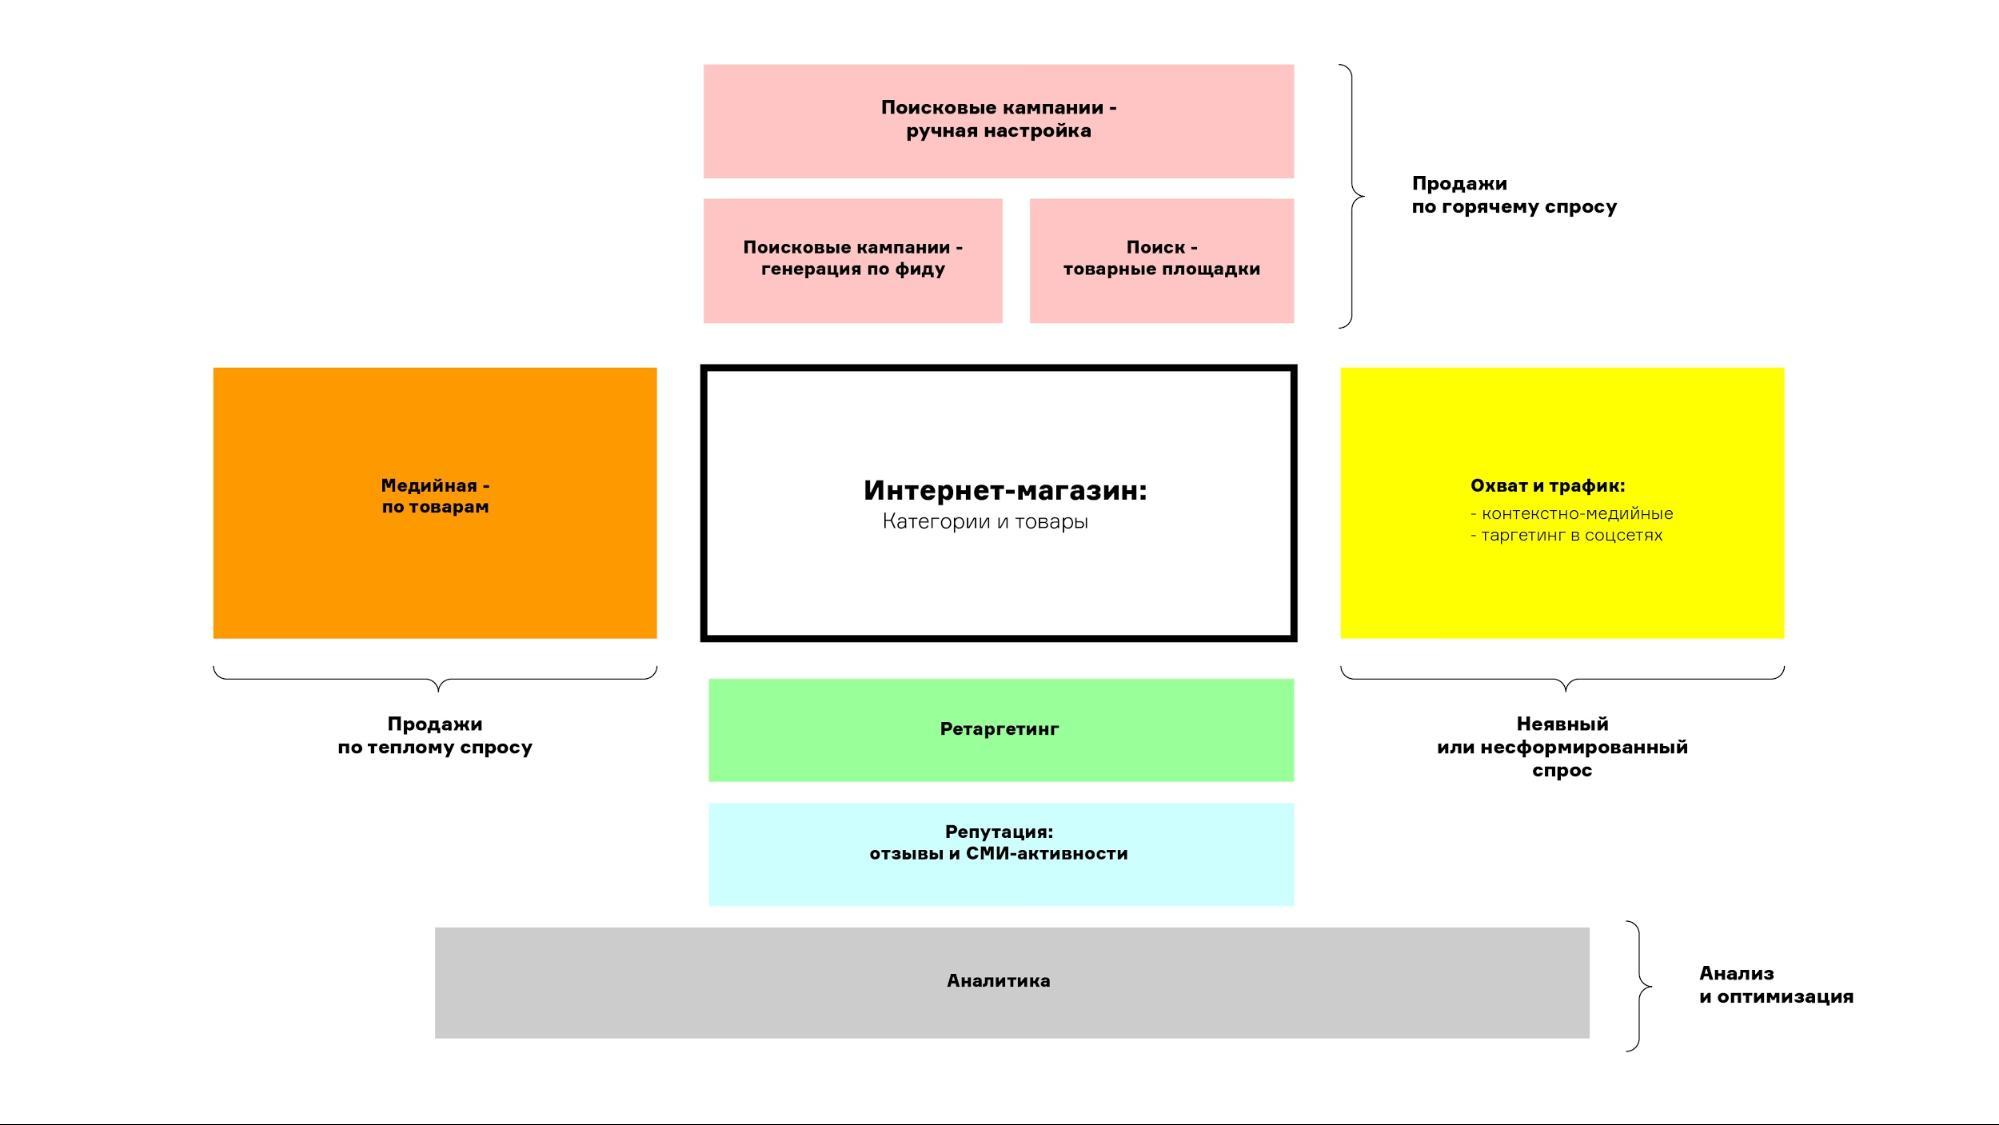 Кейс по рекламе интернет-магазина – схема применения рекламных инструментов для интернет-магазина